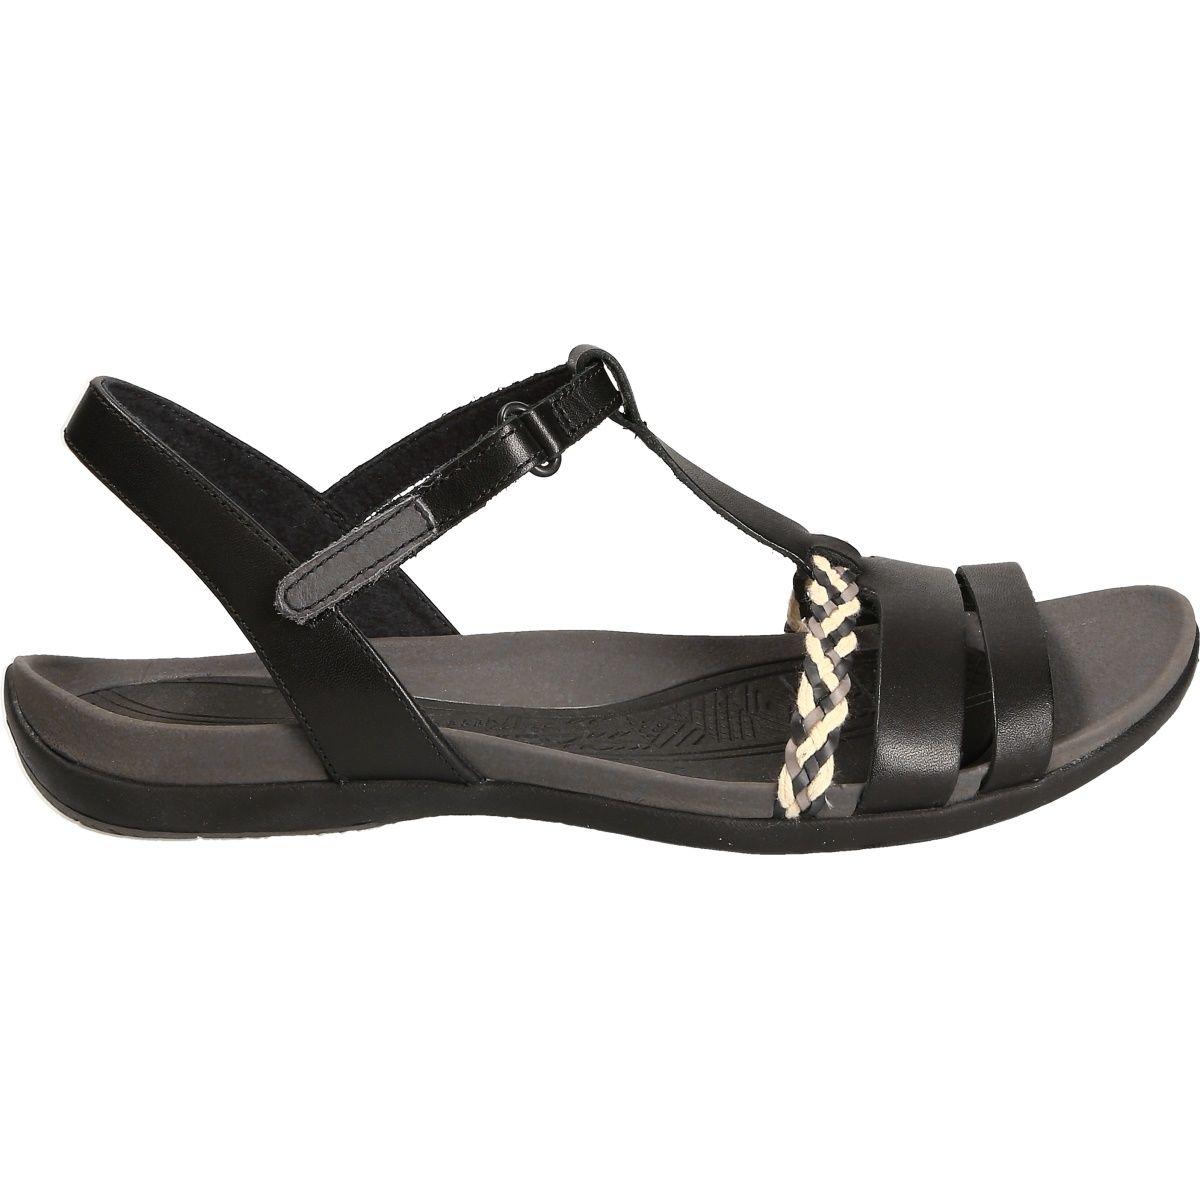 Clarks Tealite Grace 26124583 4 Women S Shoes Sandals Buy